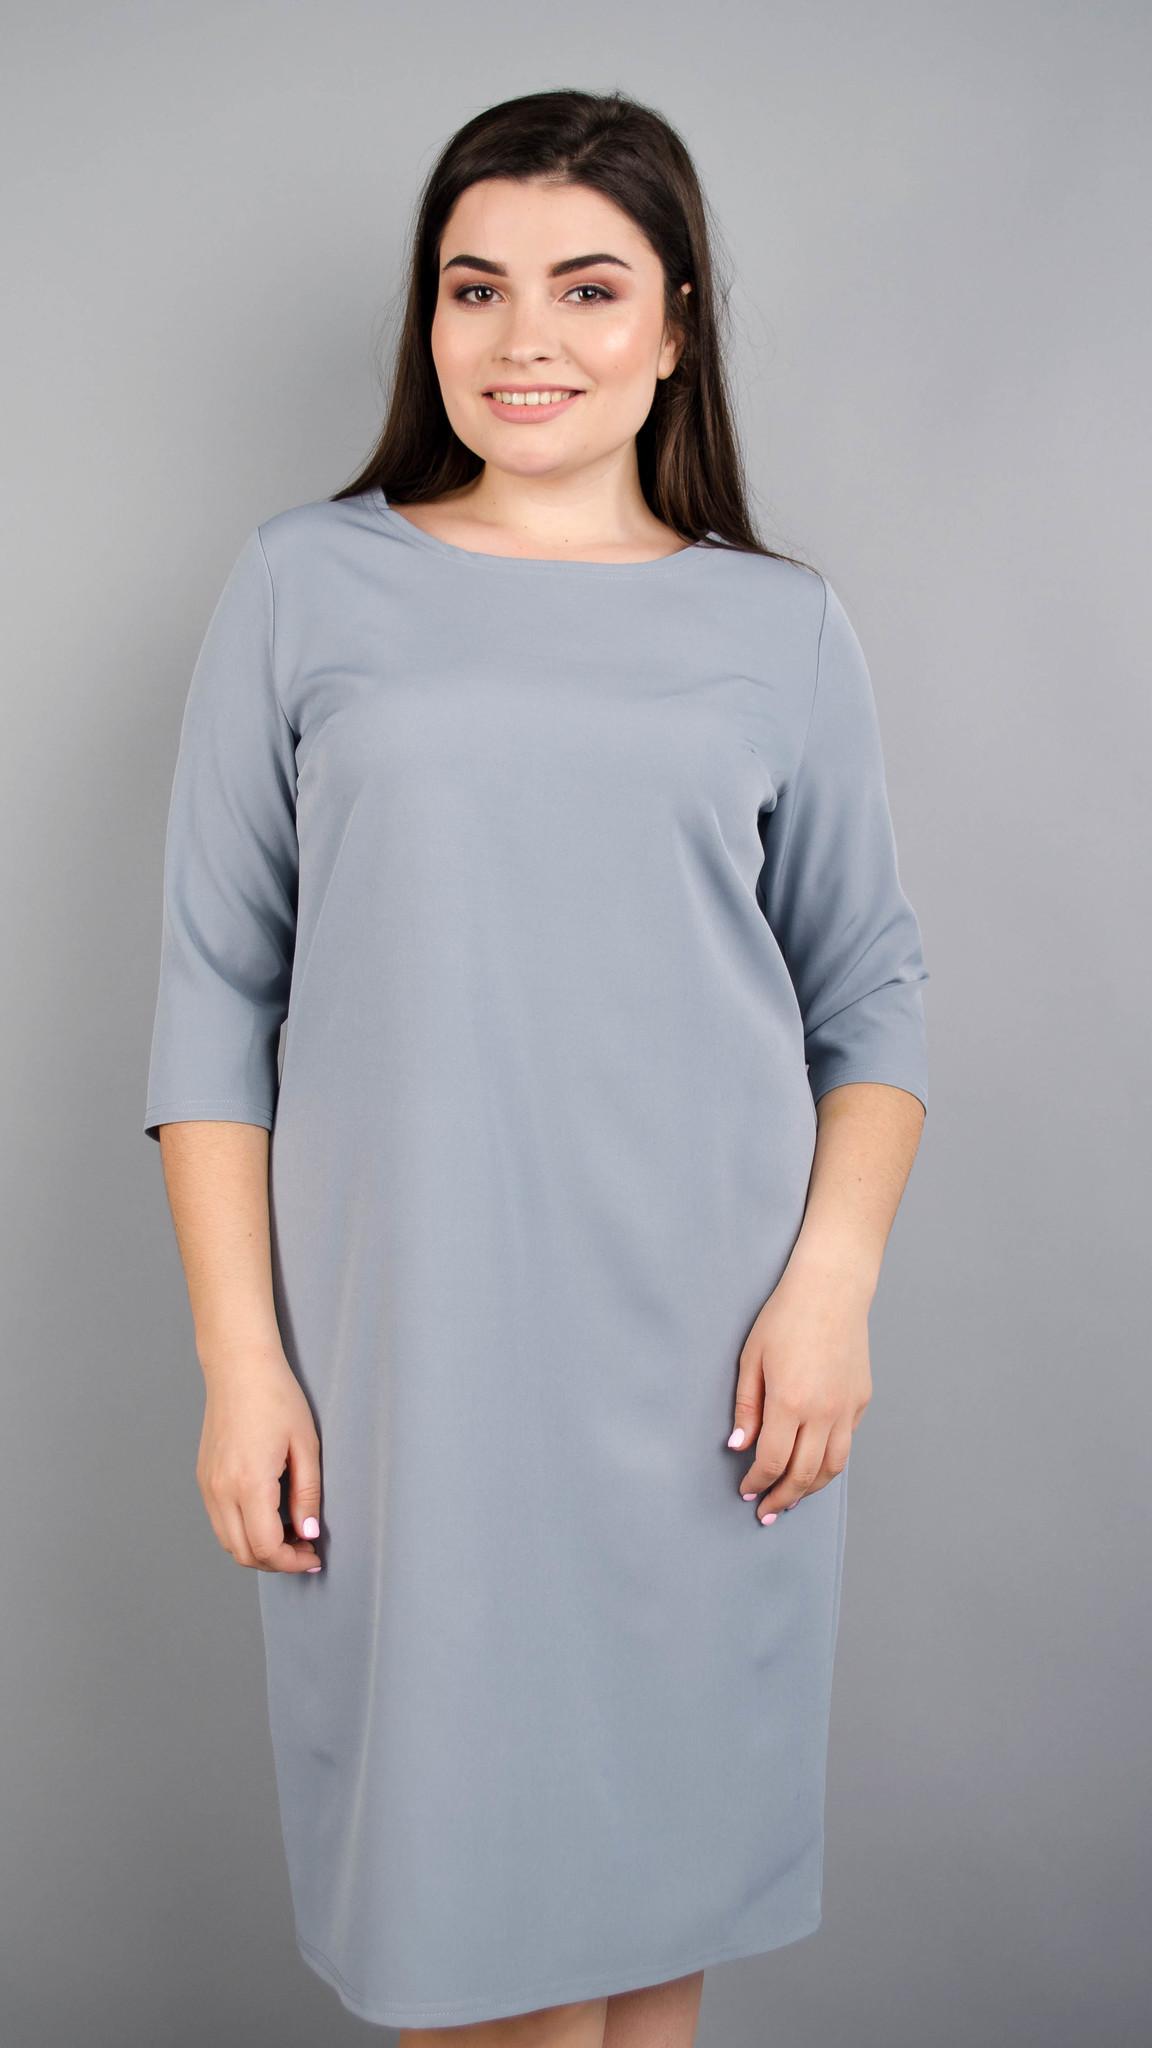 Аріна креп. Універсальна сукня великих розмірів. Сірий.